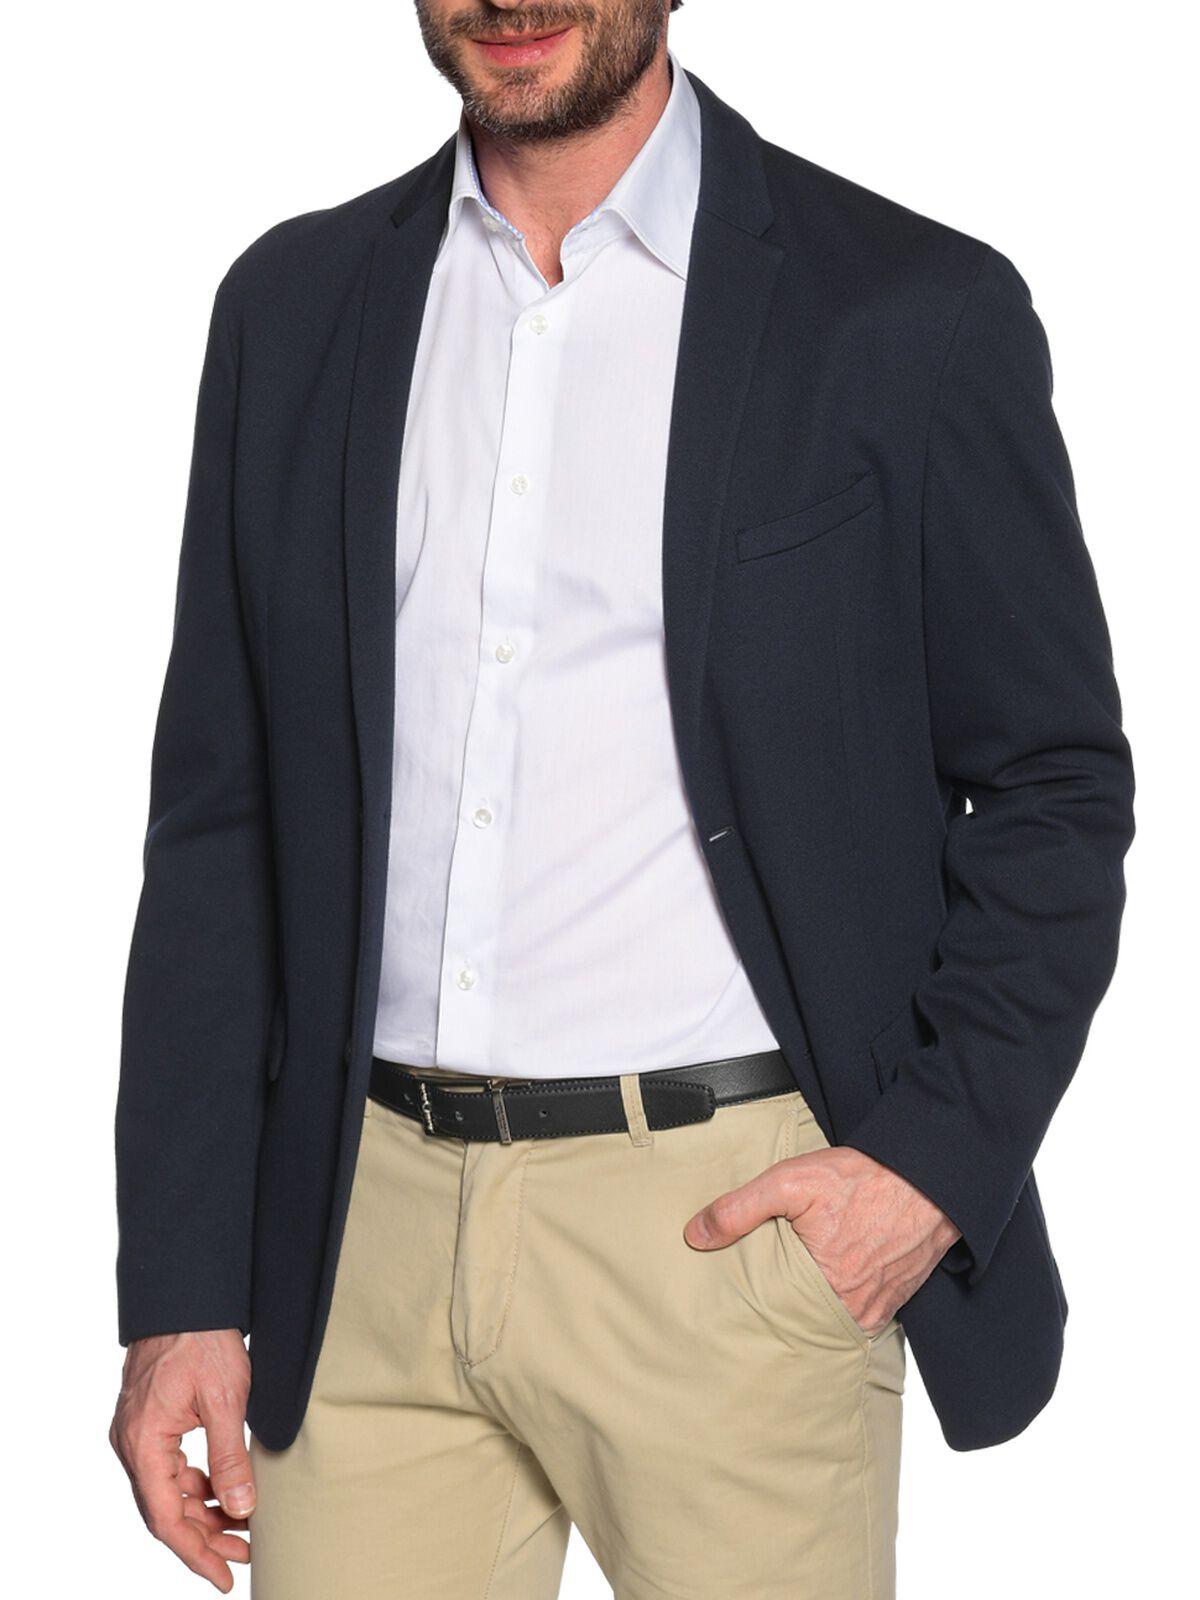 Custom-Fit Suit Jacket